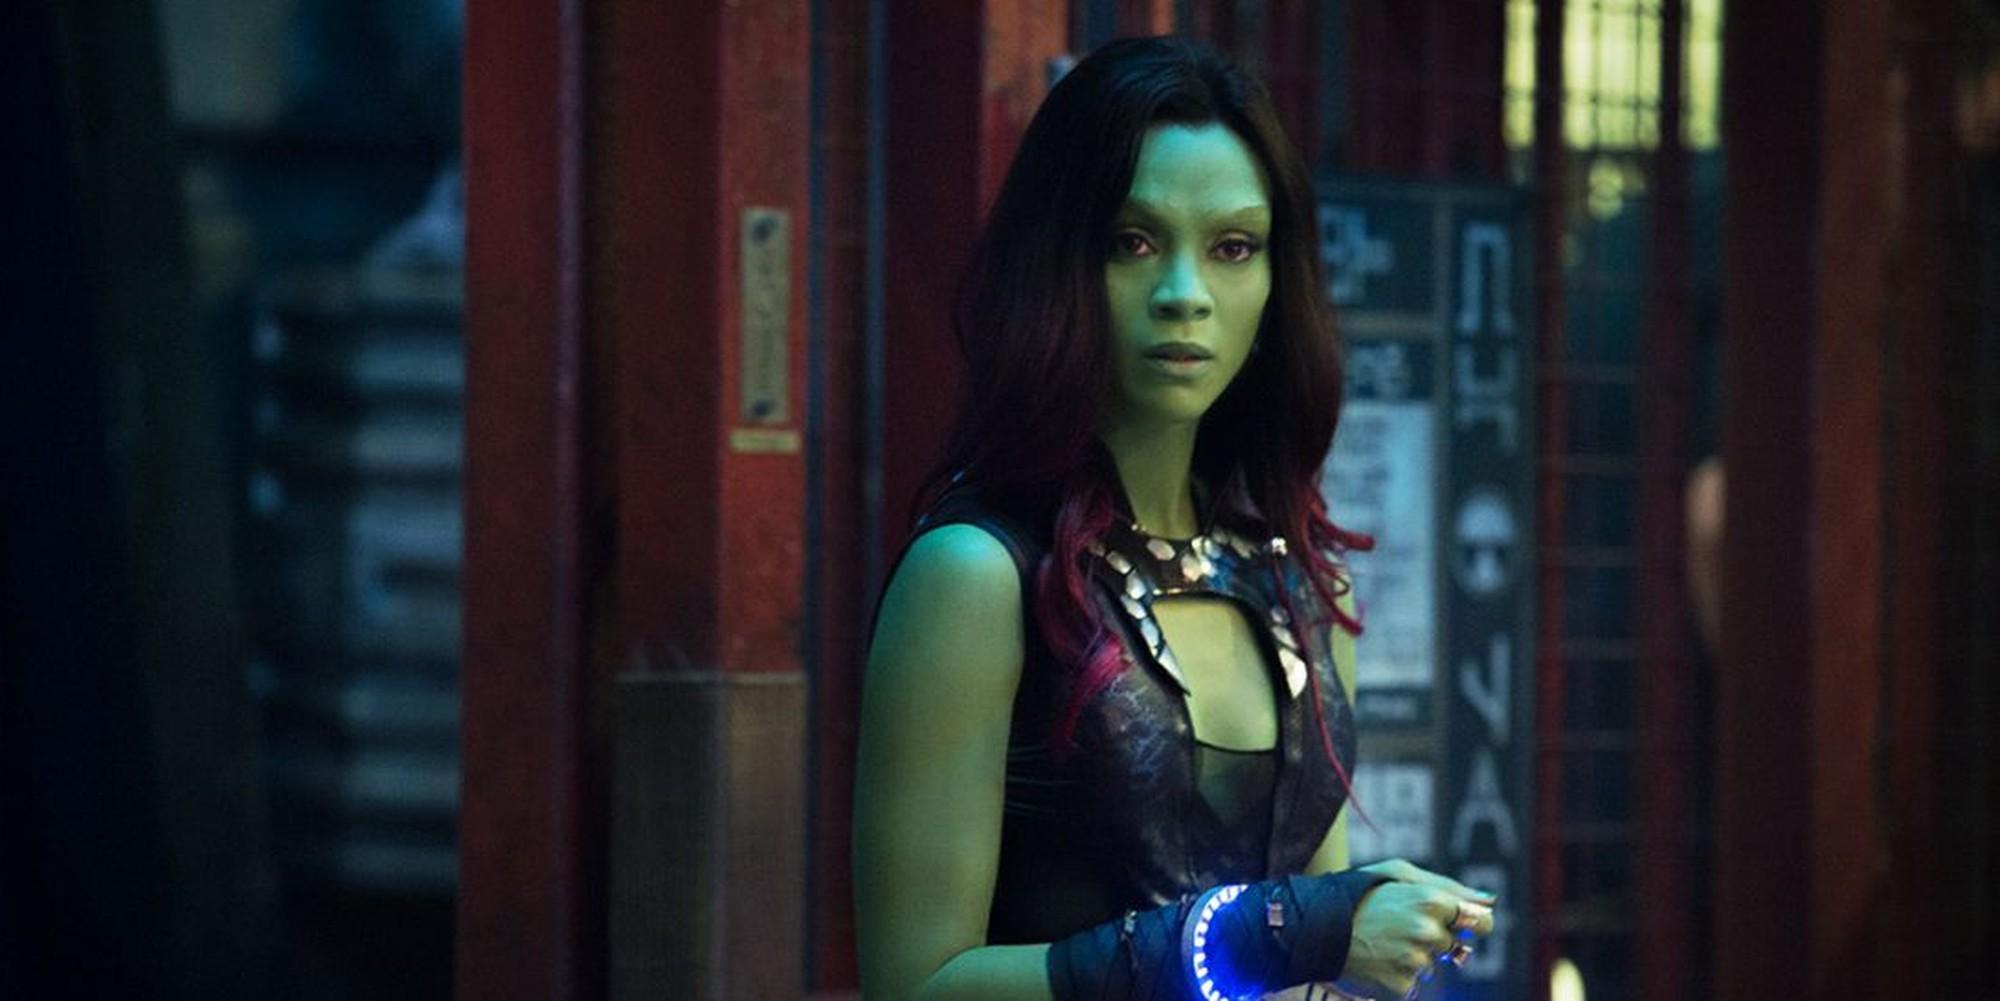 7 nữ siêu anh hùng bá đạo không kém Captain Marvel trên màn ảnh rộng - Ảnh 5.